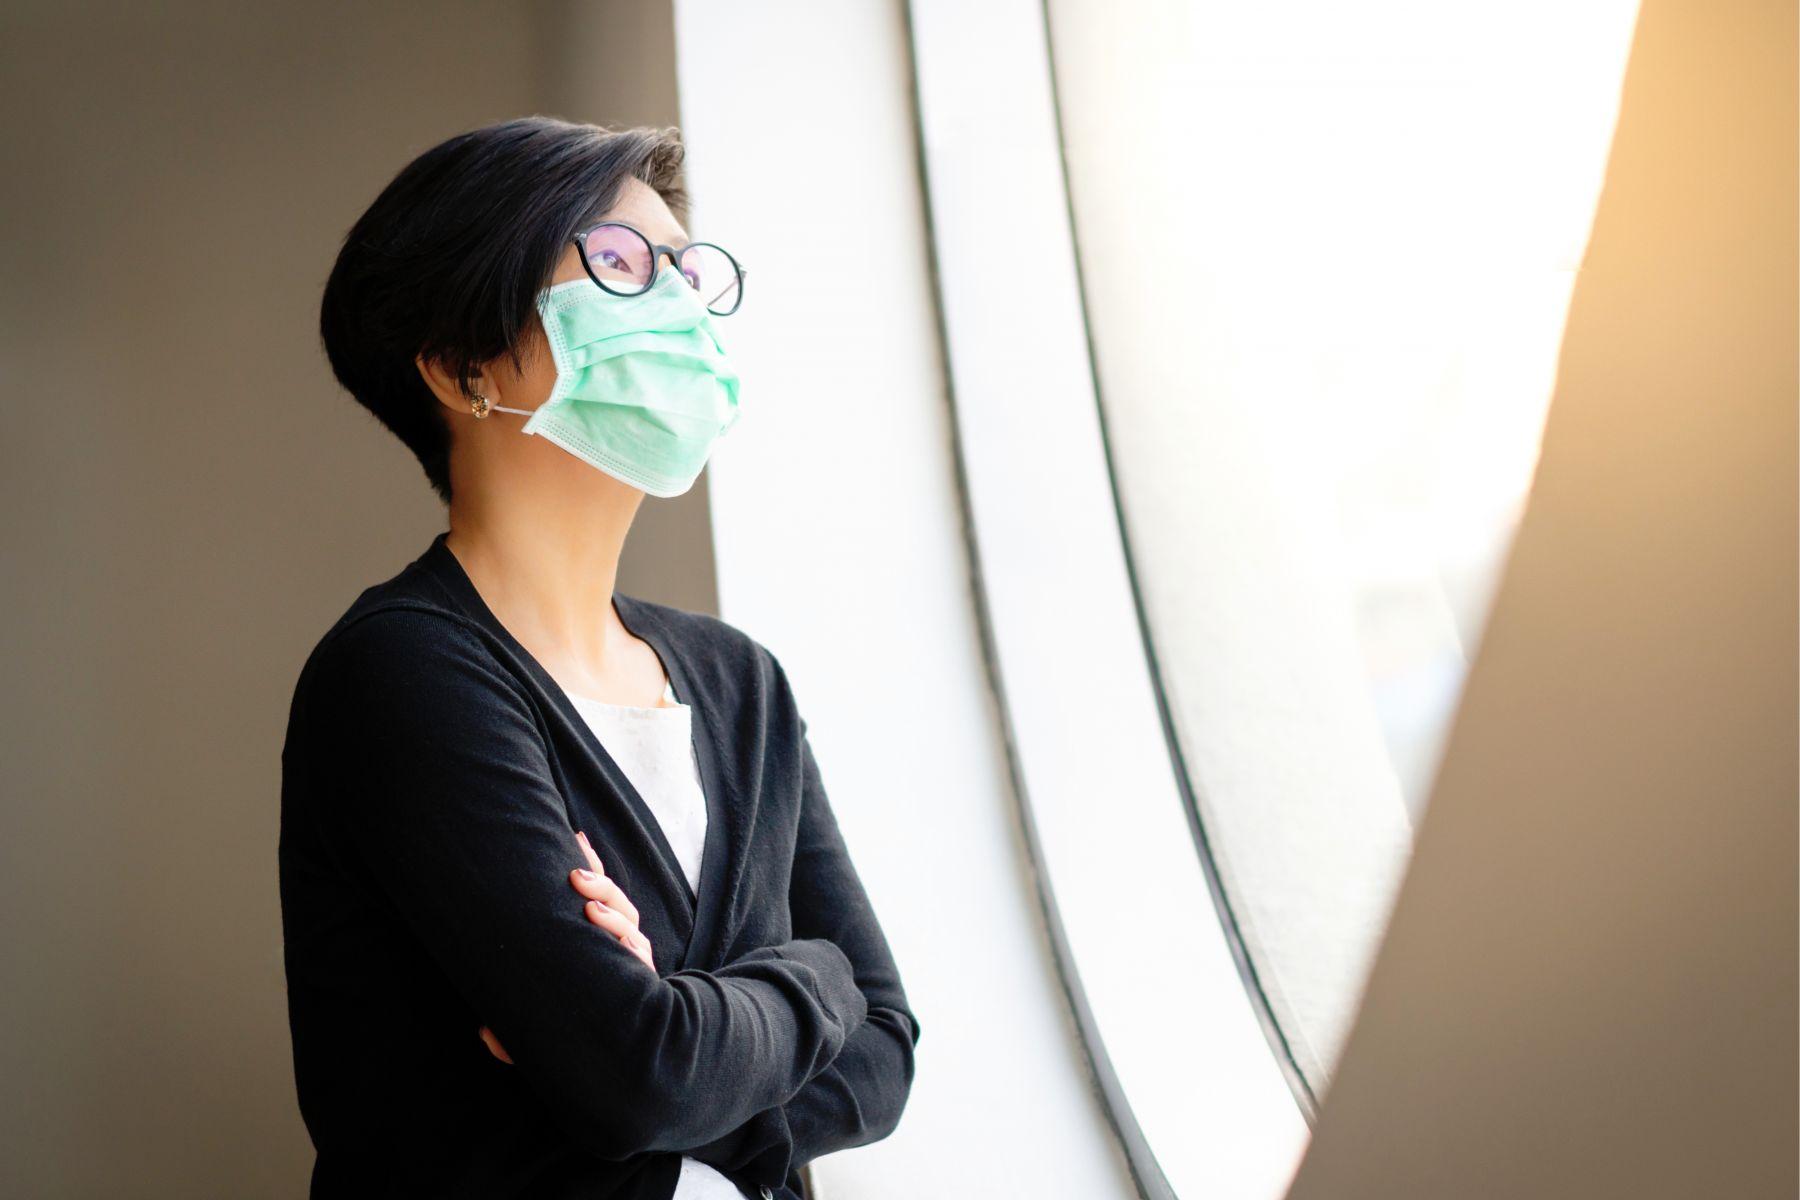 武漢肺炎》居家隔離、居家檢疫、自主健康管理怎麼做?秒懂完整防疫Q&A:「這樣」杜絕病毒最有效!